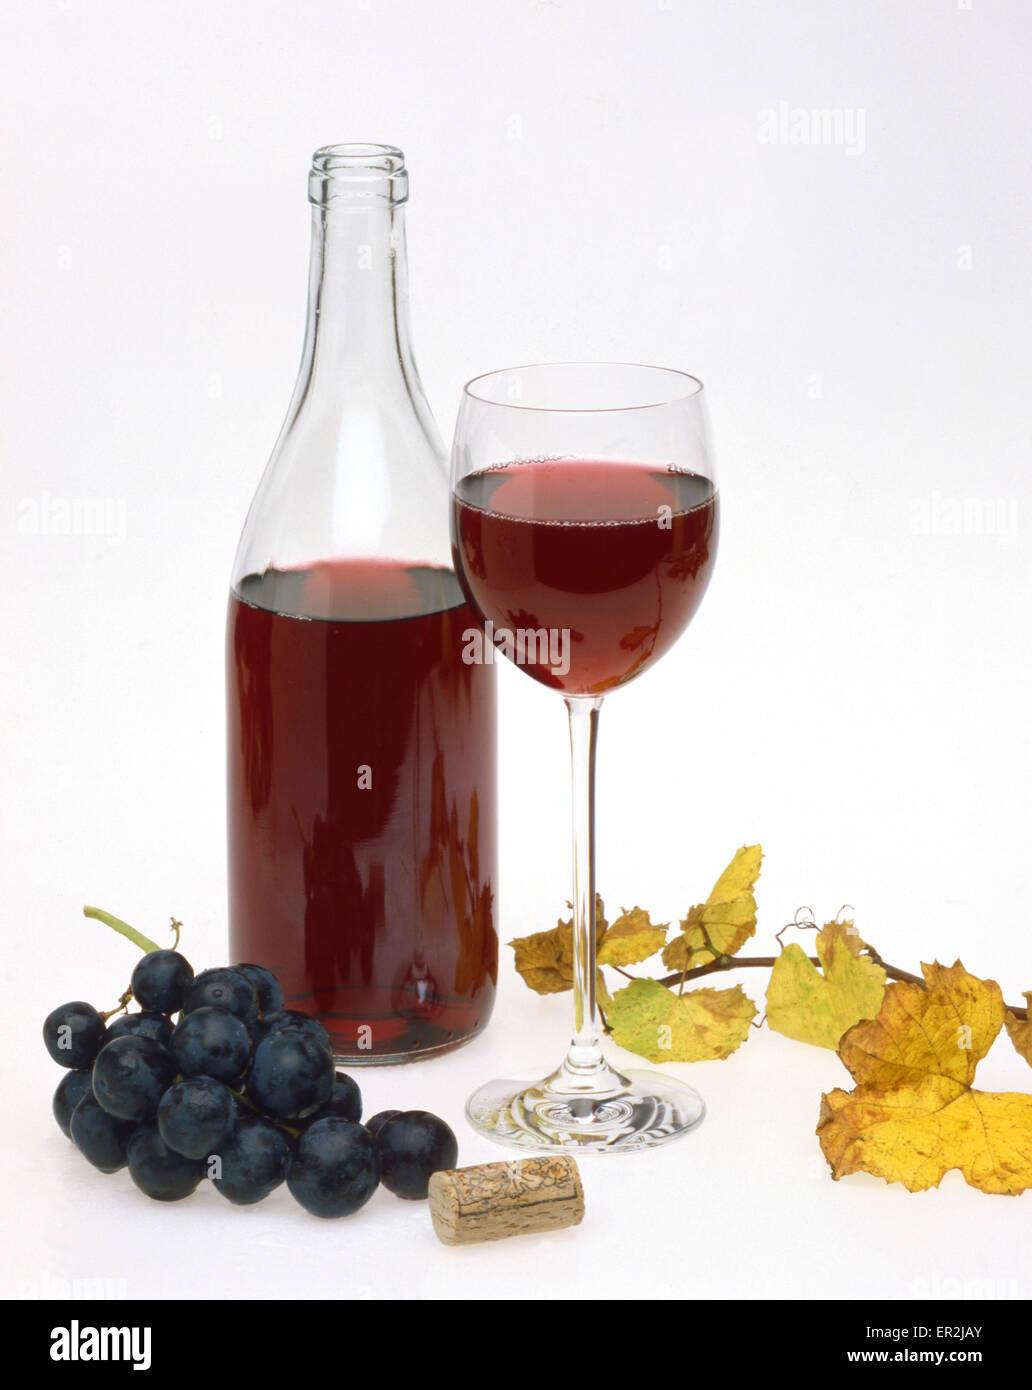 wein rotwein aufbewahrt weinflasche glas weinglas trinken alkohol getraenke weinlaub. Black Bedroom Furniture Sets. Home Design Ideas